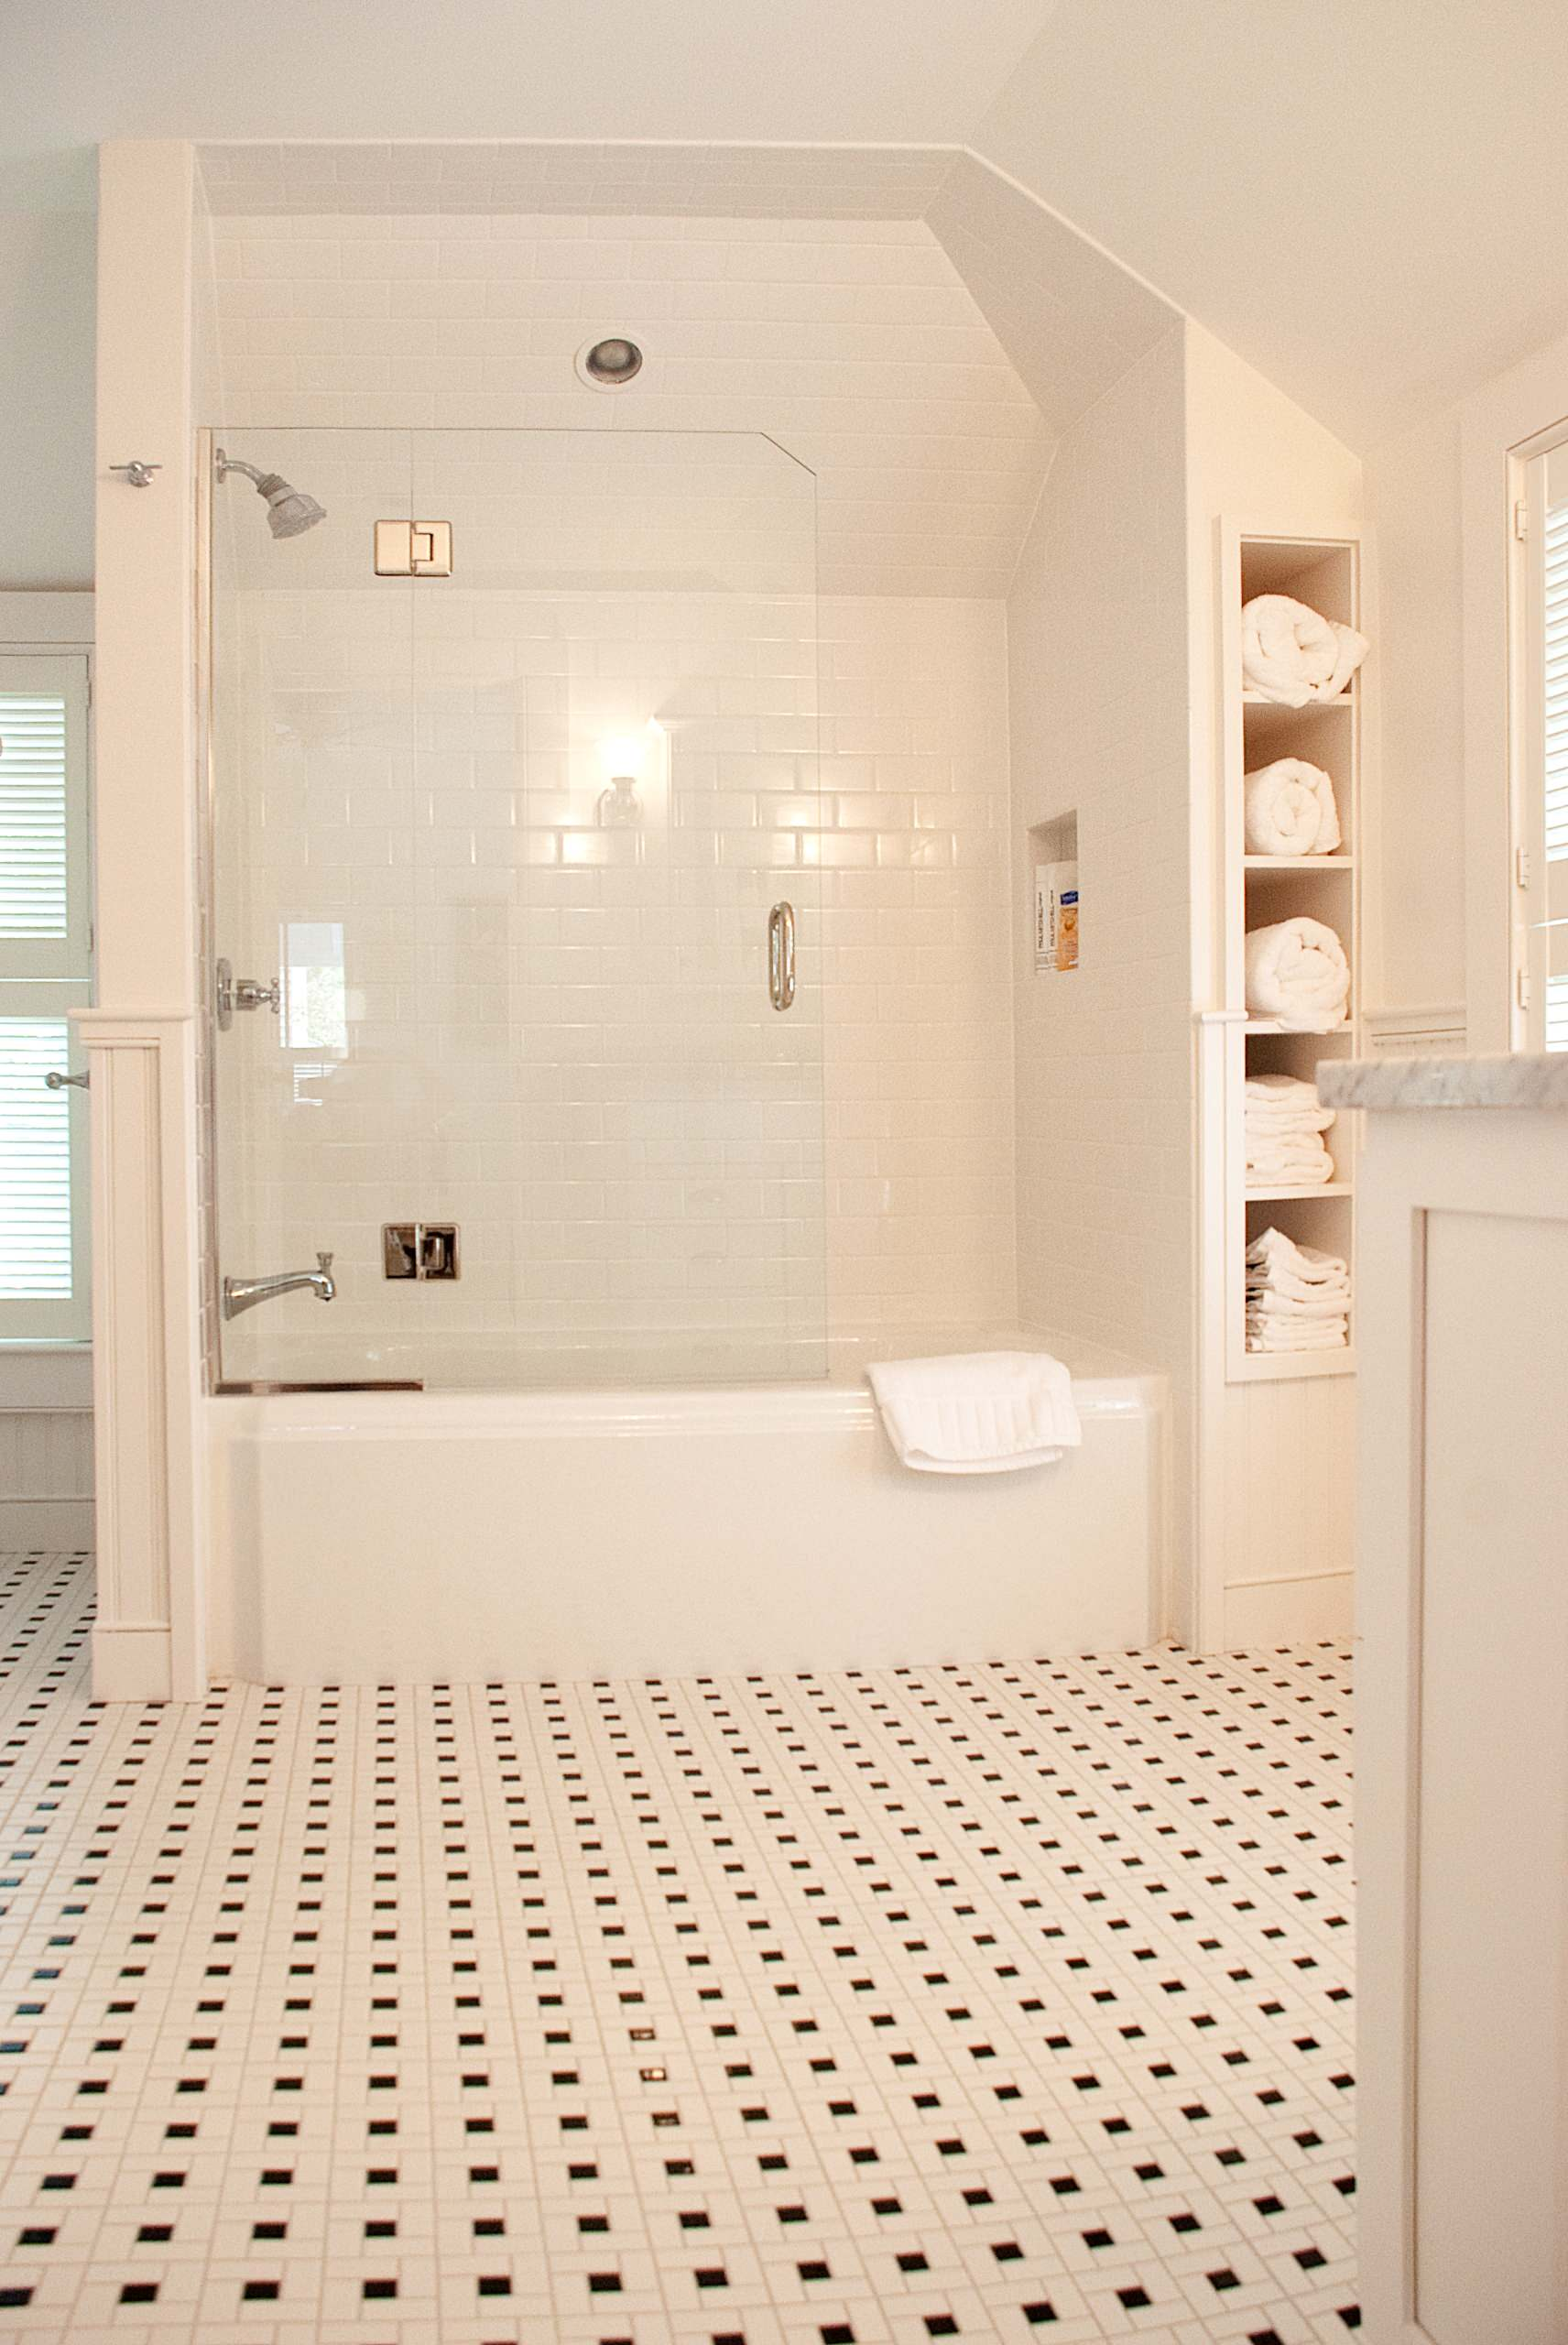 4x12 subway tile bathroom ideas photos houzz